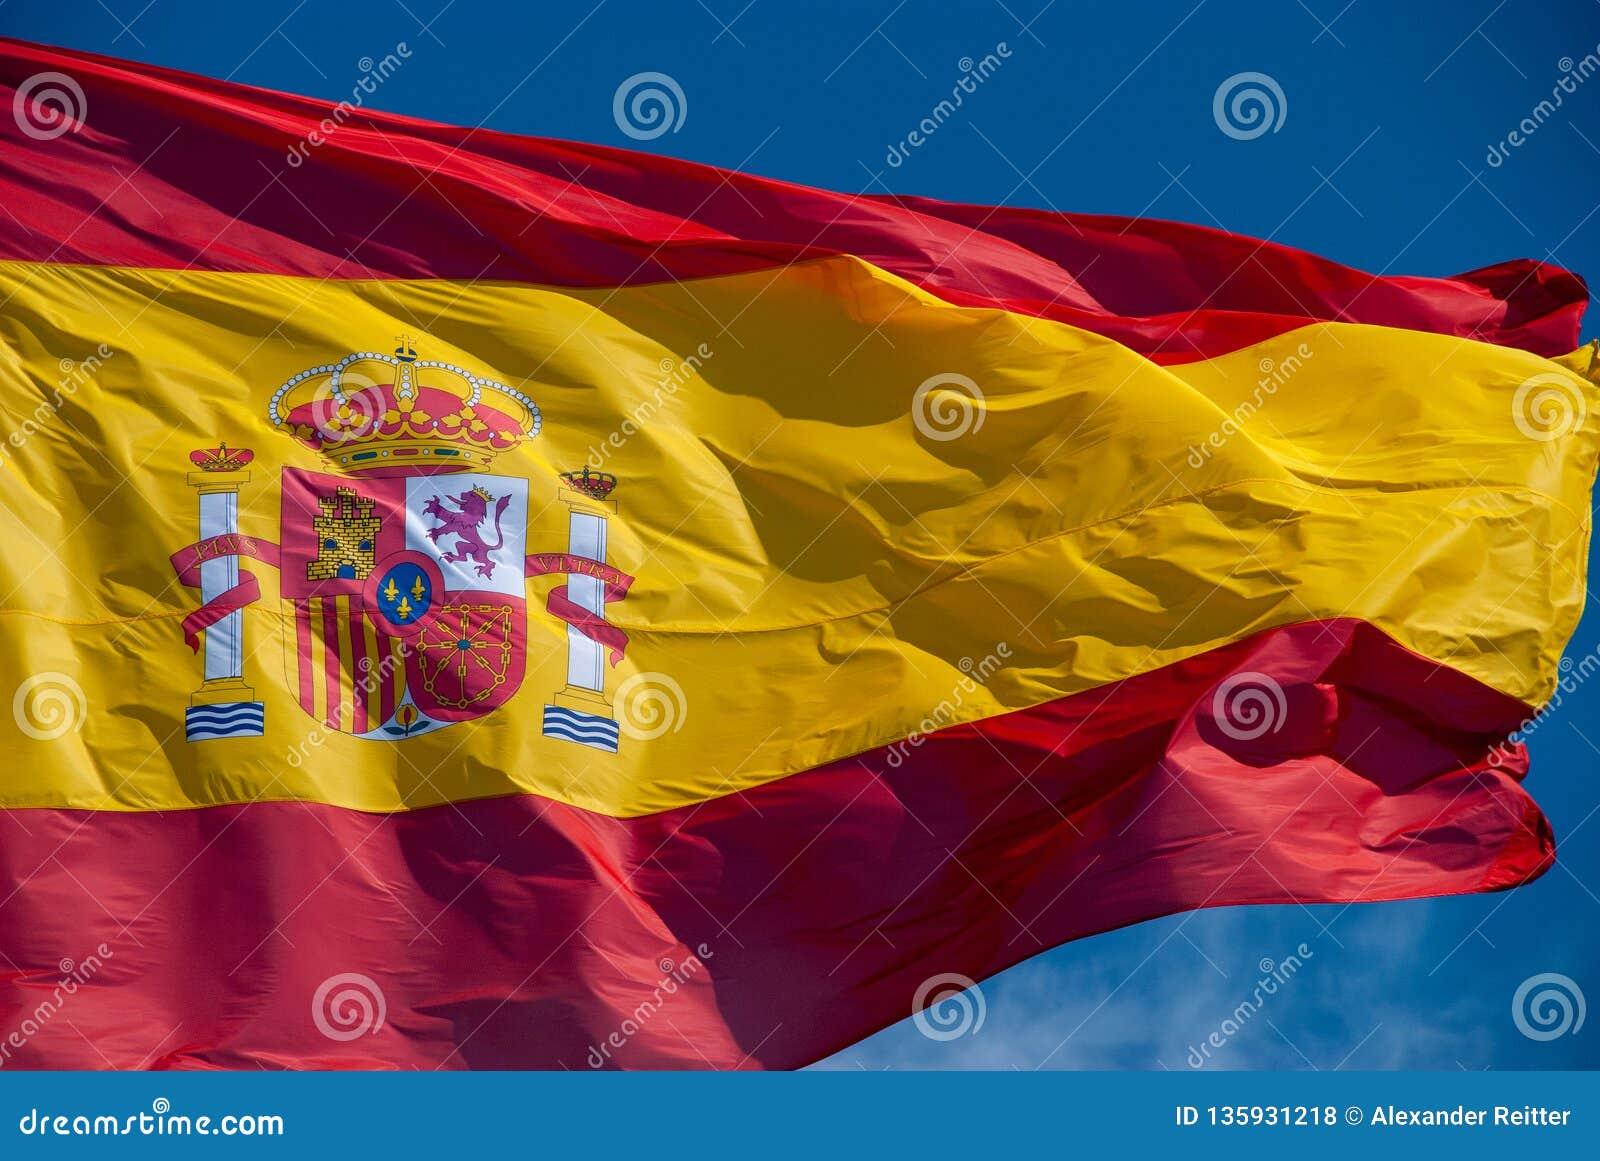 Bandera española del mismo tamaño que agita en viento